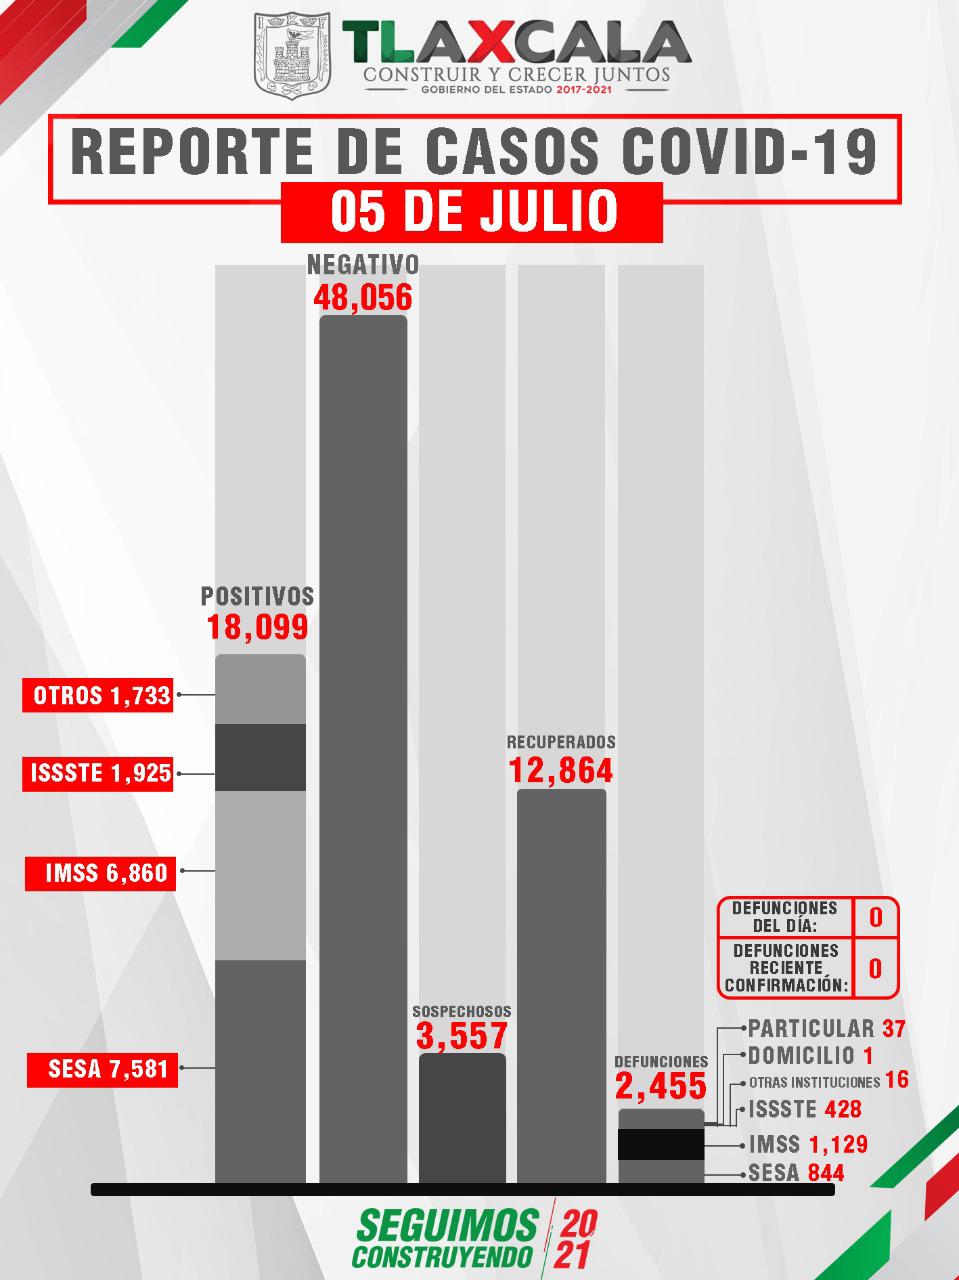 Tlaxcala, sin defunciones por Covid-19 este lunes reporta SESA